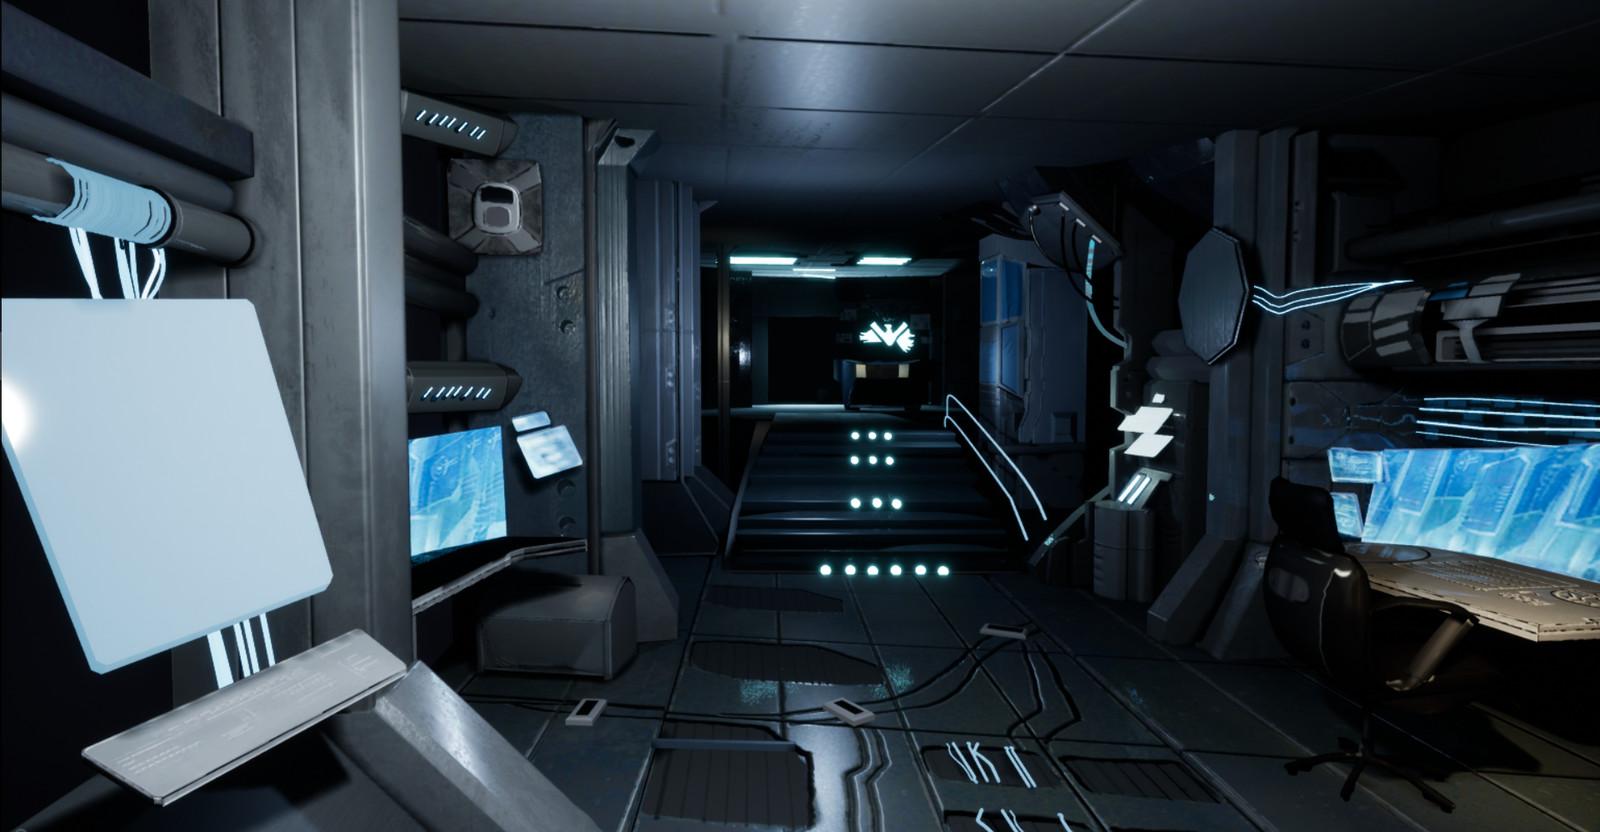 SCI FI Command Center